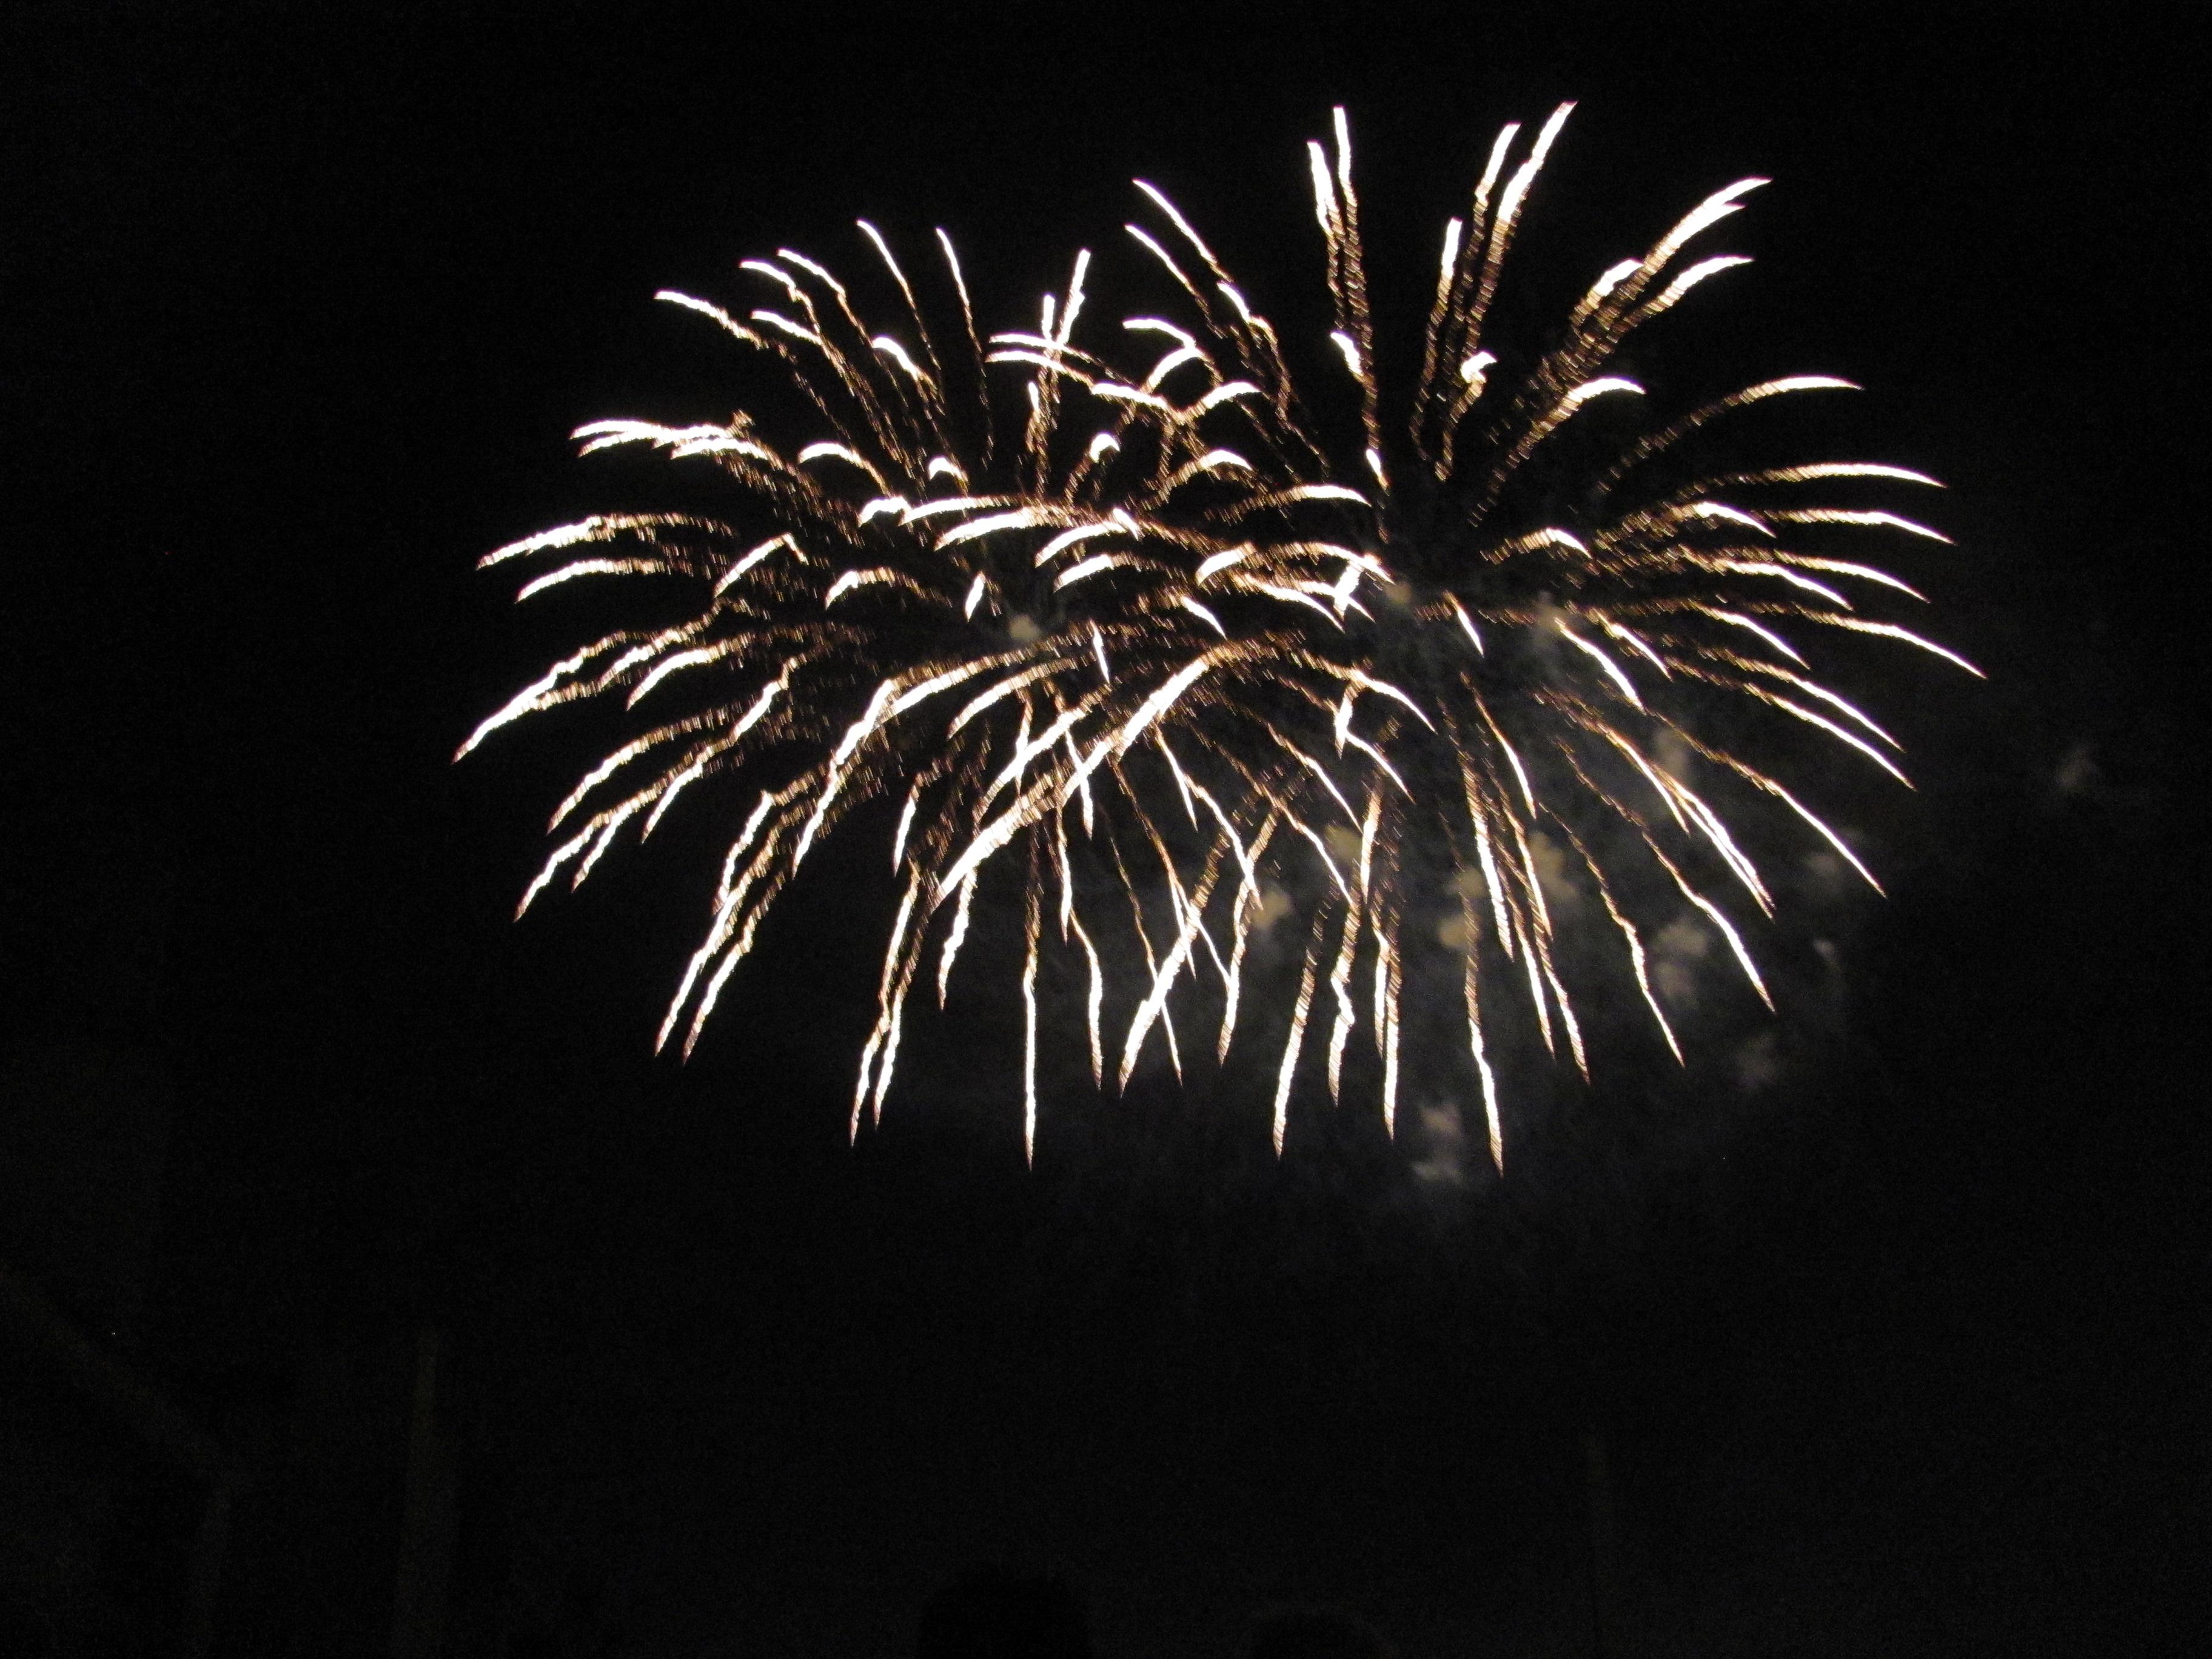 14 juillet : enfin ! un beau feu d'artifice !